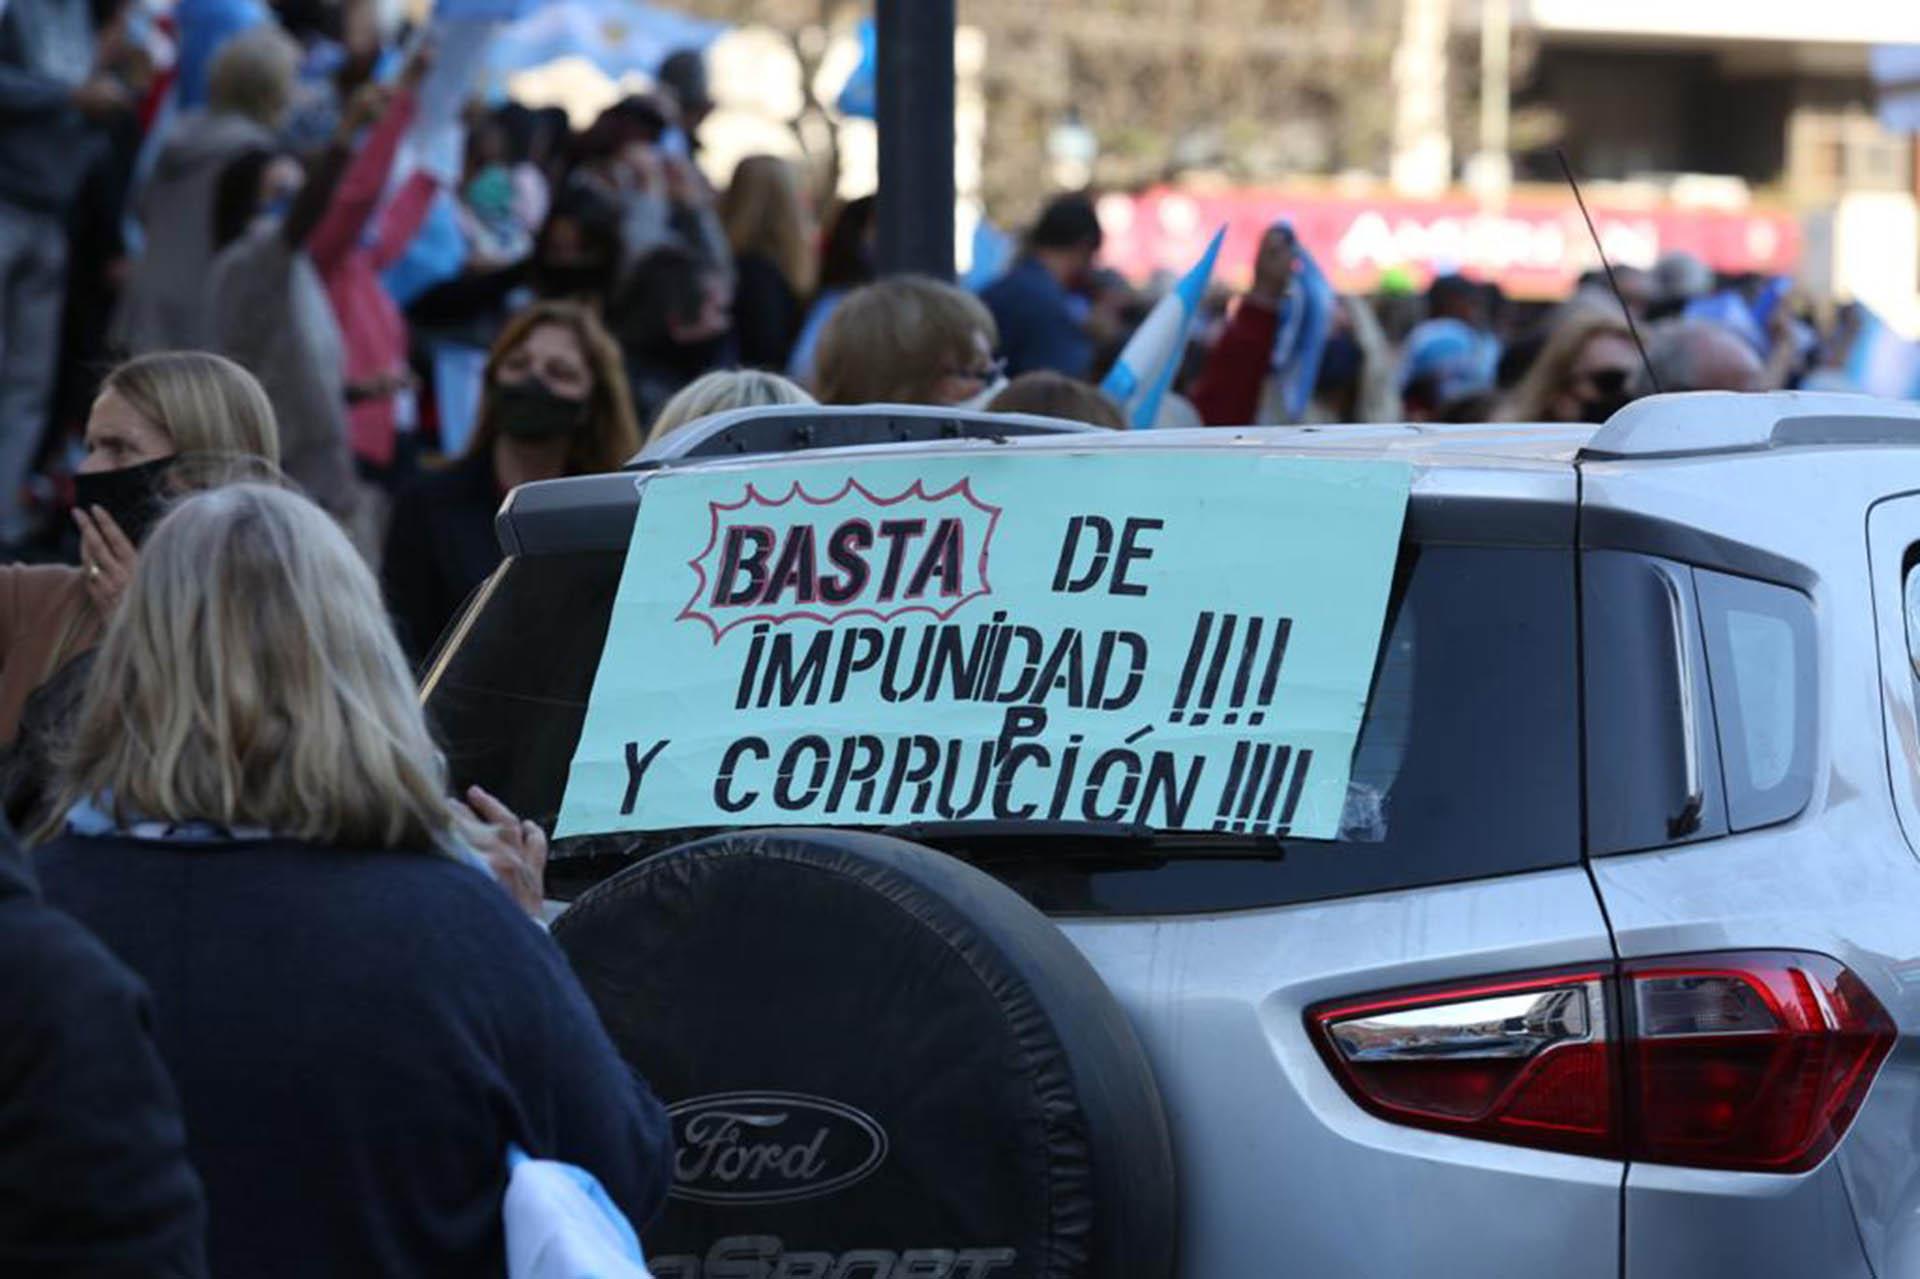 En Rosario, la marcha se realizó de forma pacífica. La mayoría de los manifestantes usó barbijo, aunque en el epicentro de la protesta, las personas no mantenías la distancia social recomendada de dos metros (Leo Galletto)